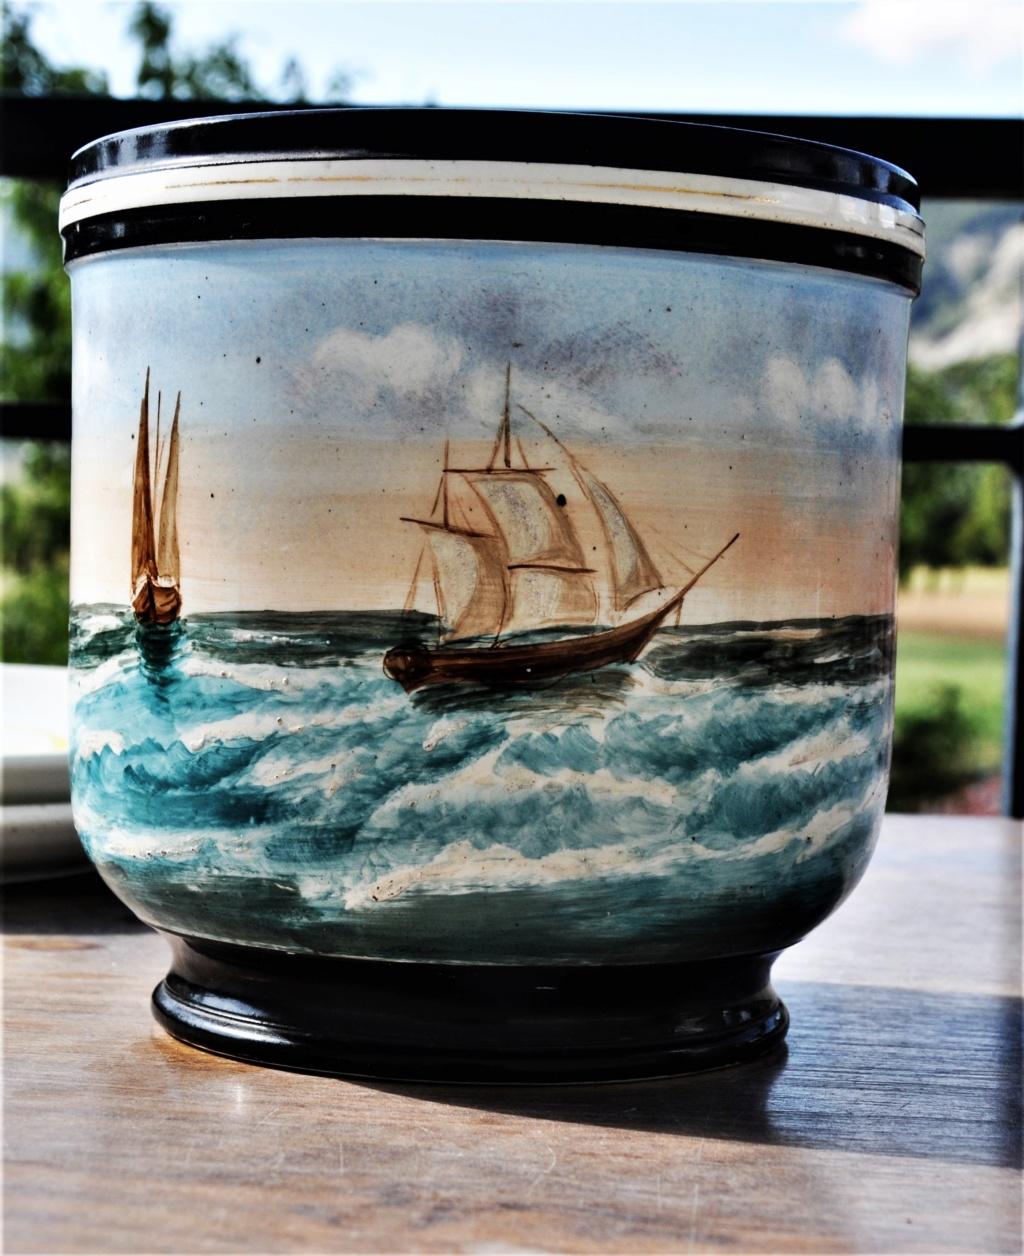 un cache pot avec un bateau a aubes = Paddle steam Dsc_0020